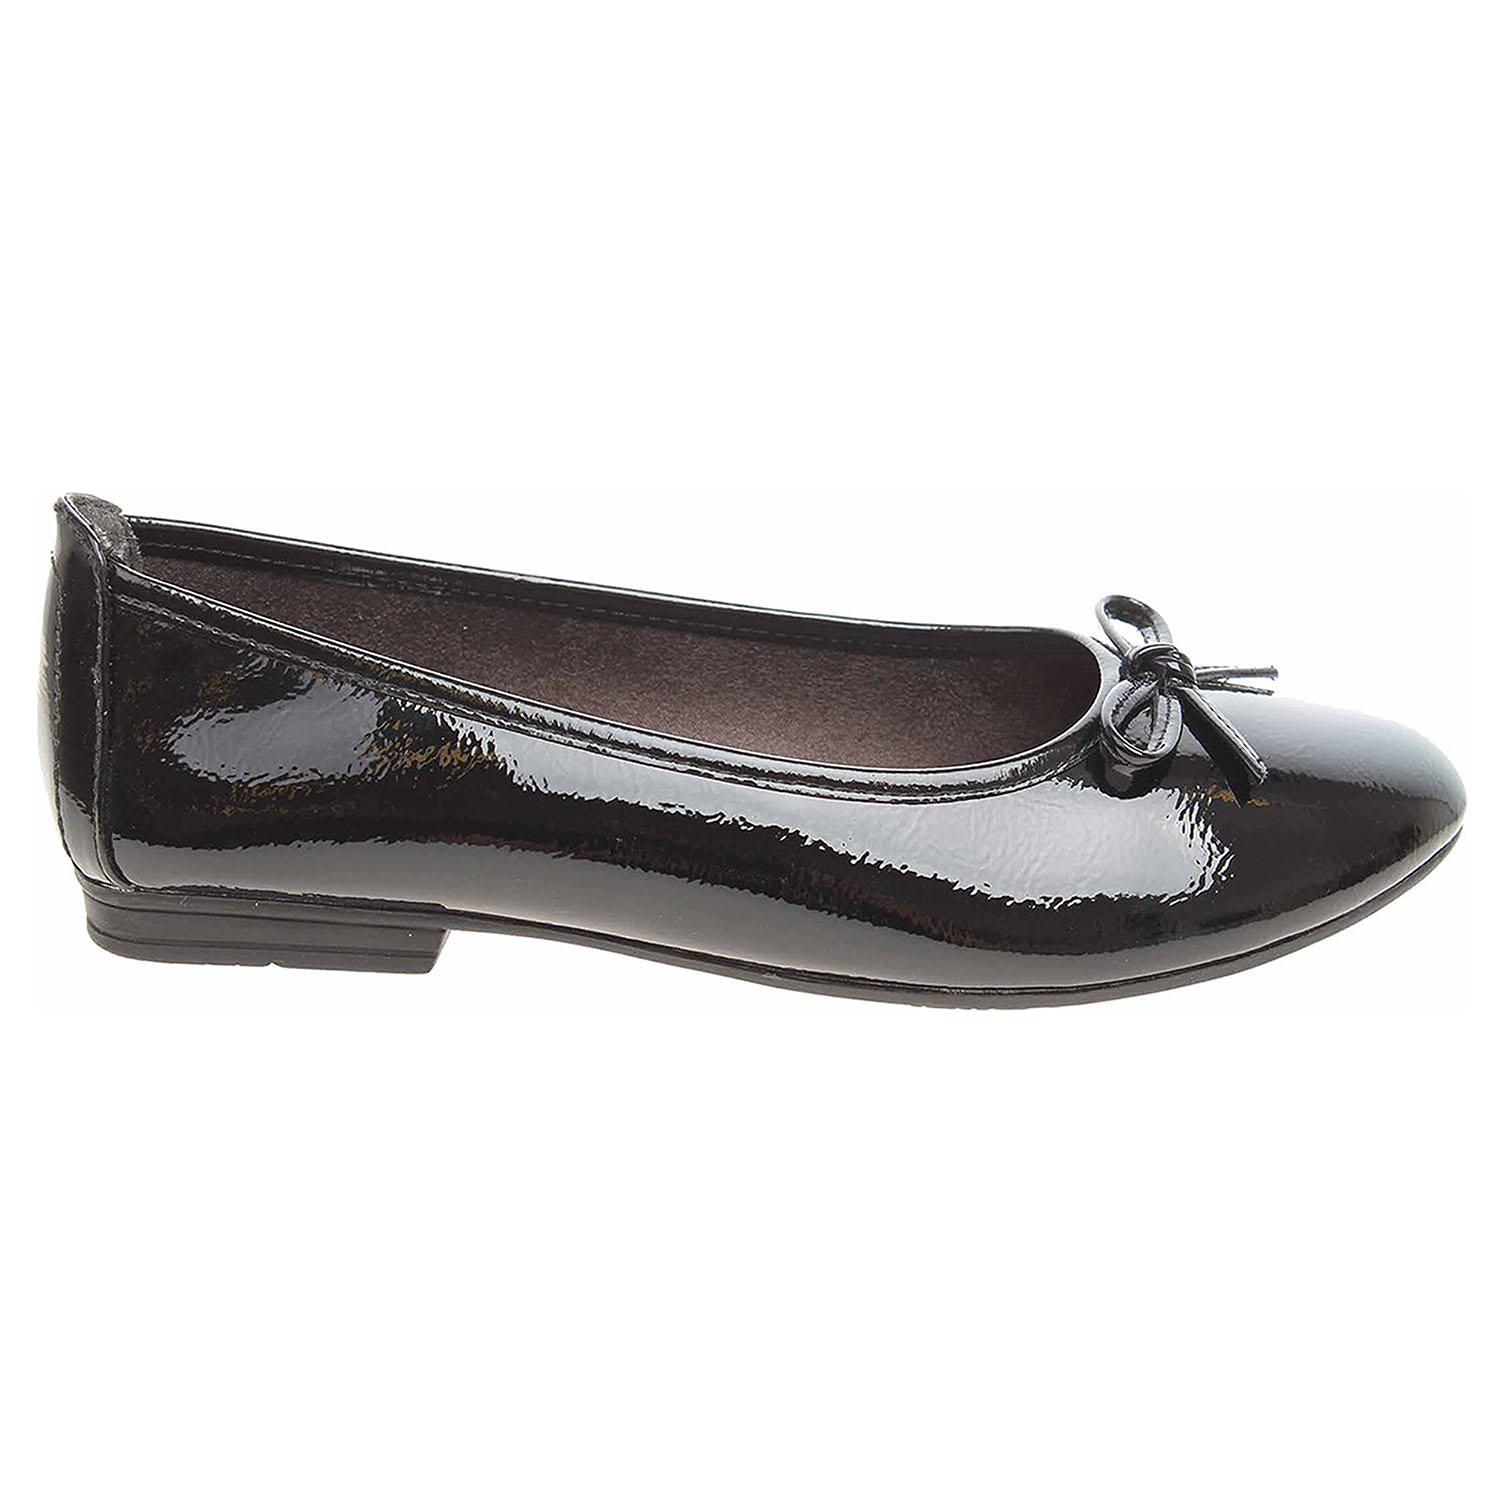 Ecco Jana dámské baleriny 8-22163-21 black patent 23300929